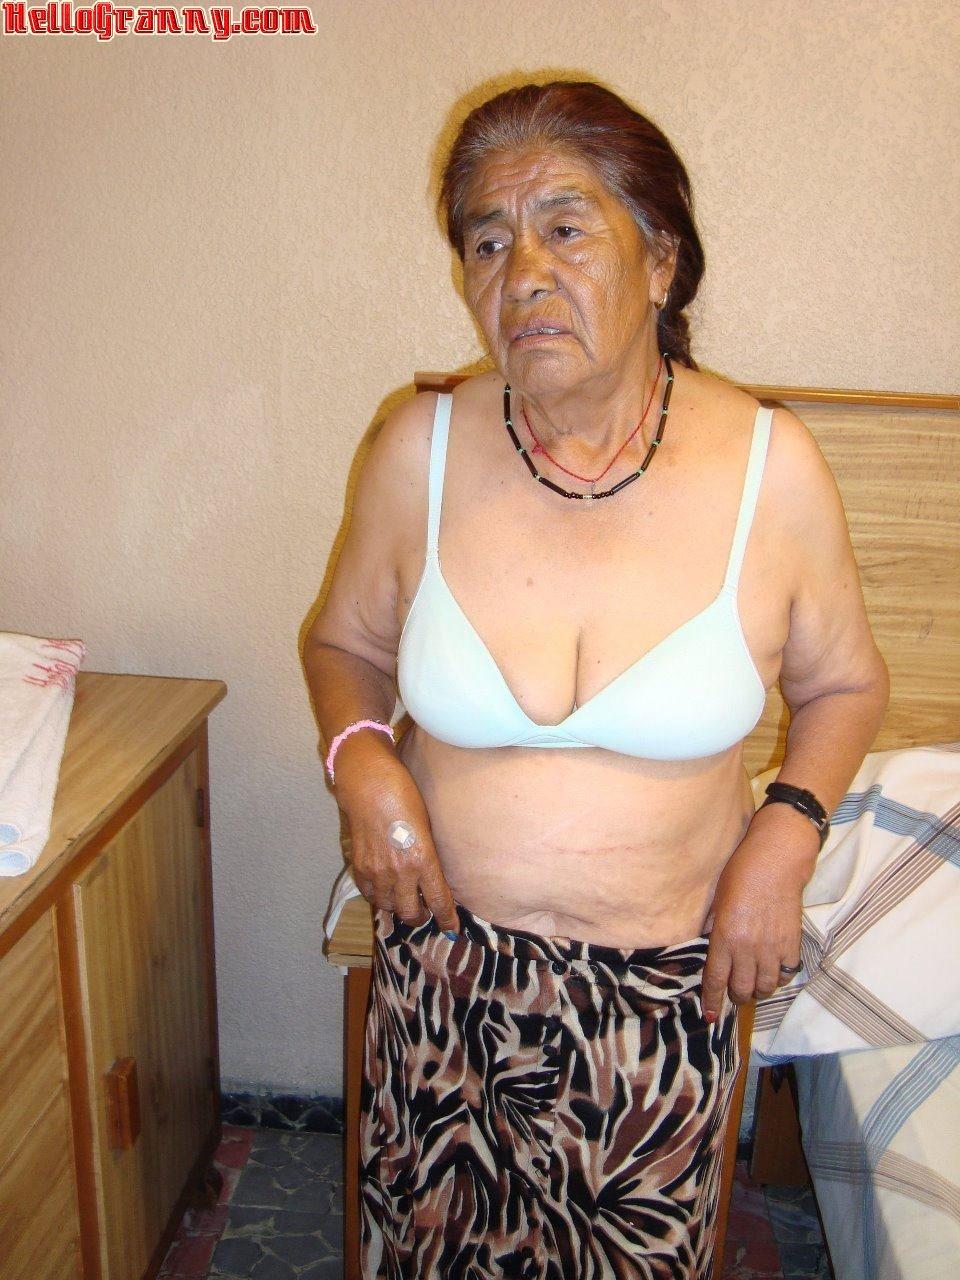 mature latina granny indian granny porn indian granny pics daily free gallery latina granny